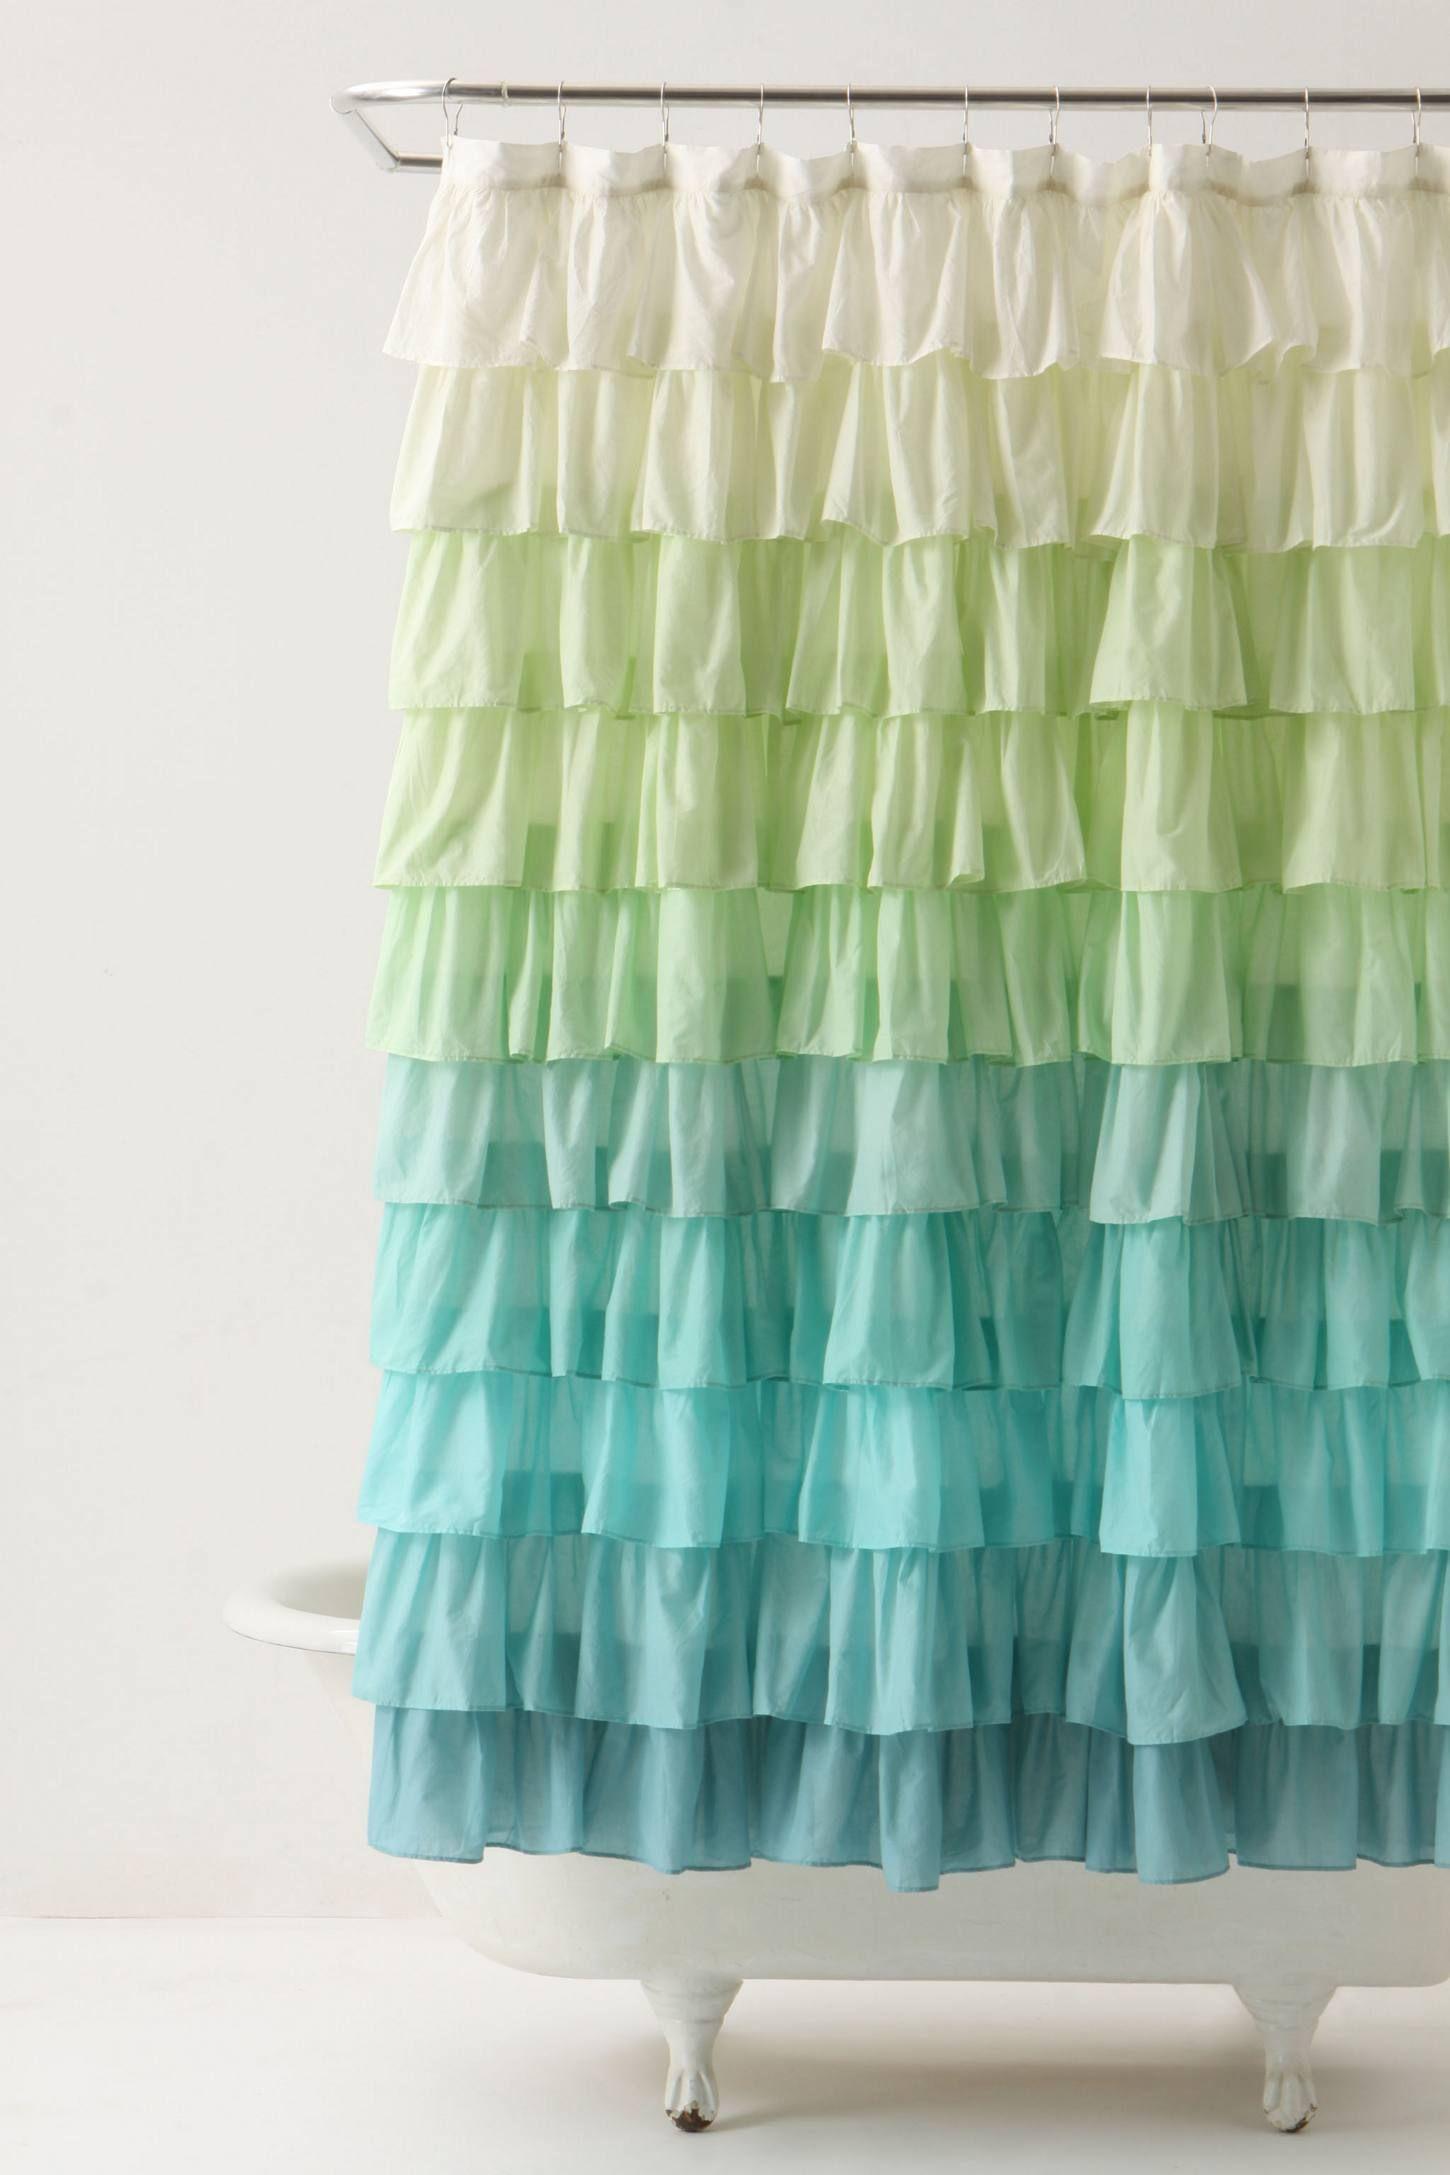 Flamenco Shower Curtain Ruffle Shower Curtains Cute Shower Curtains Ombre Shower Curtain